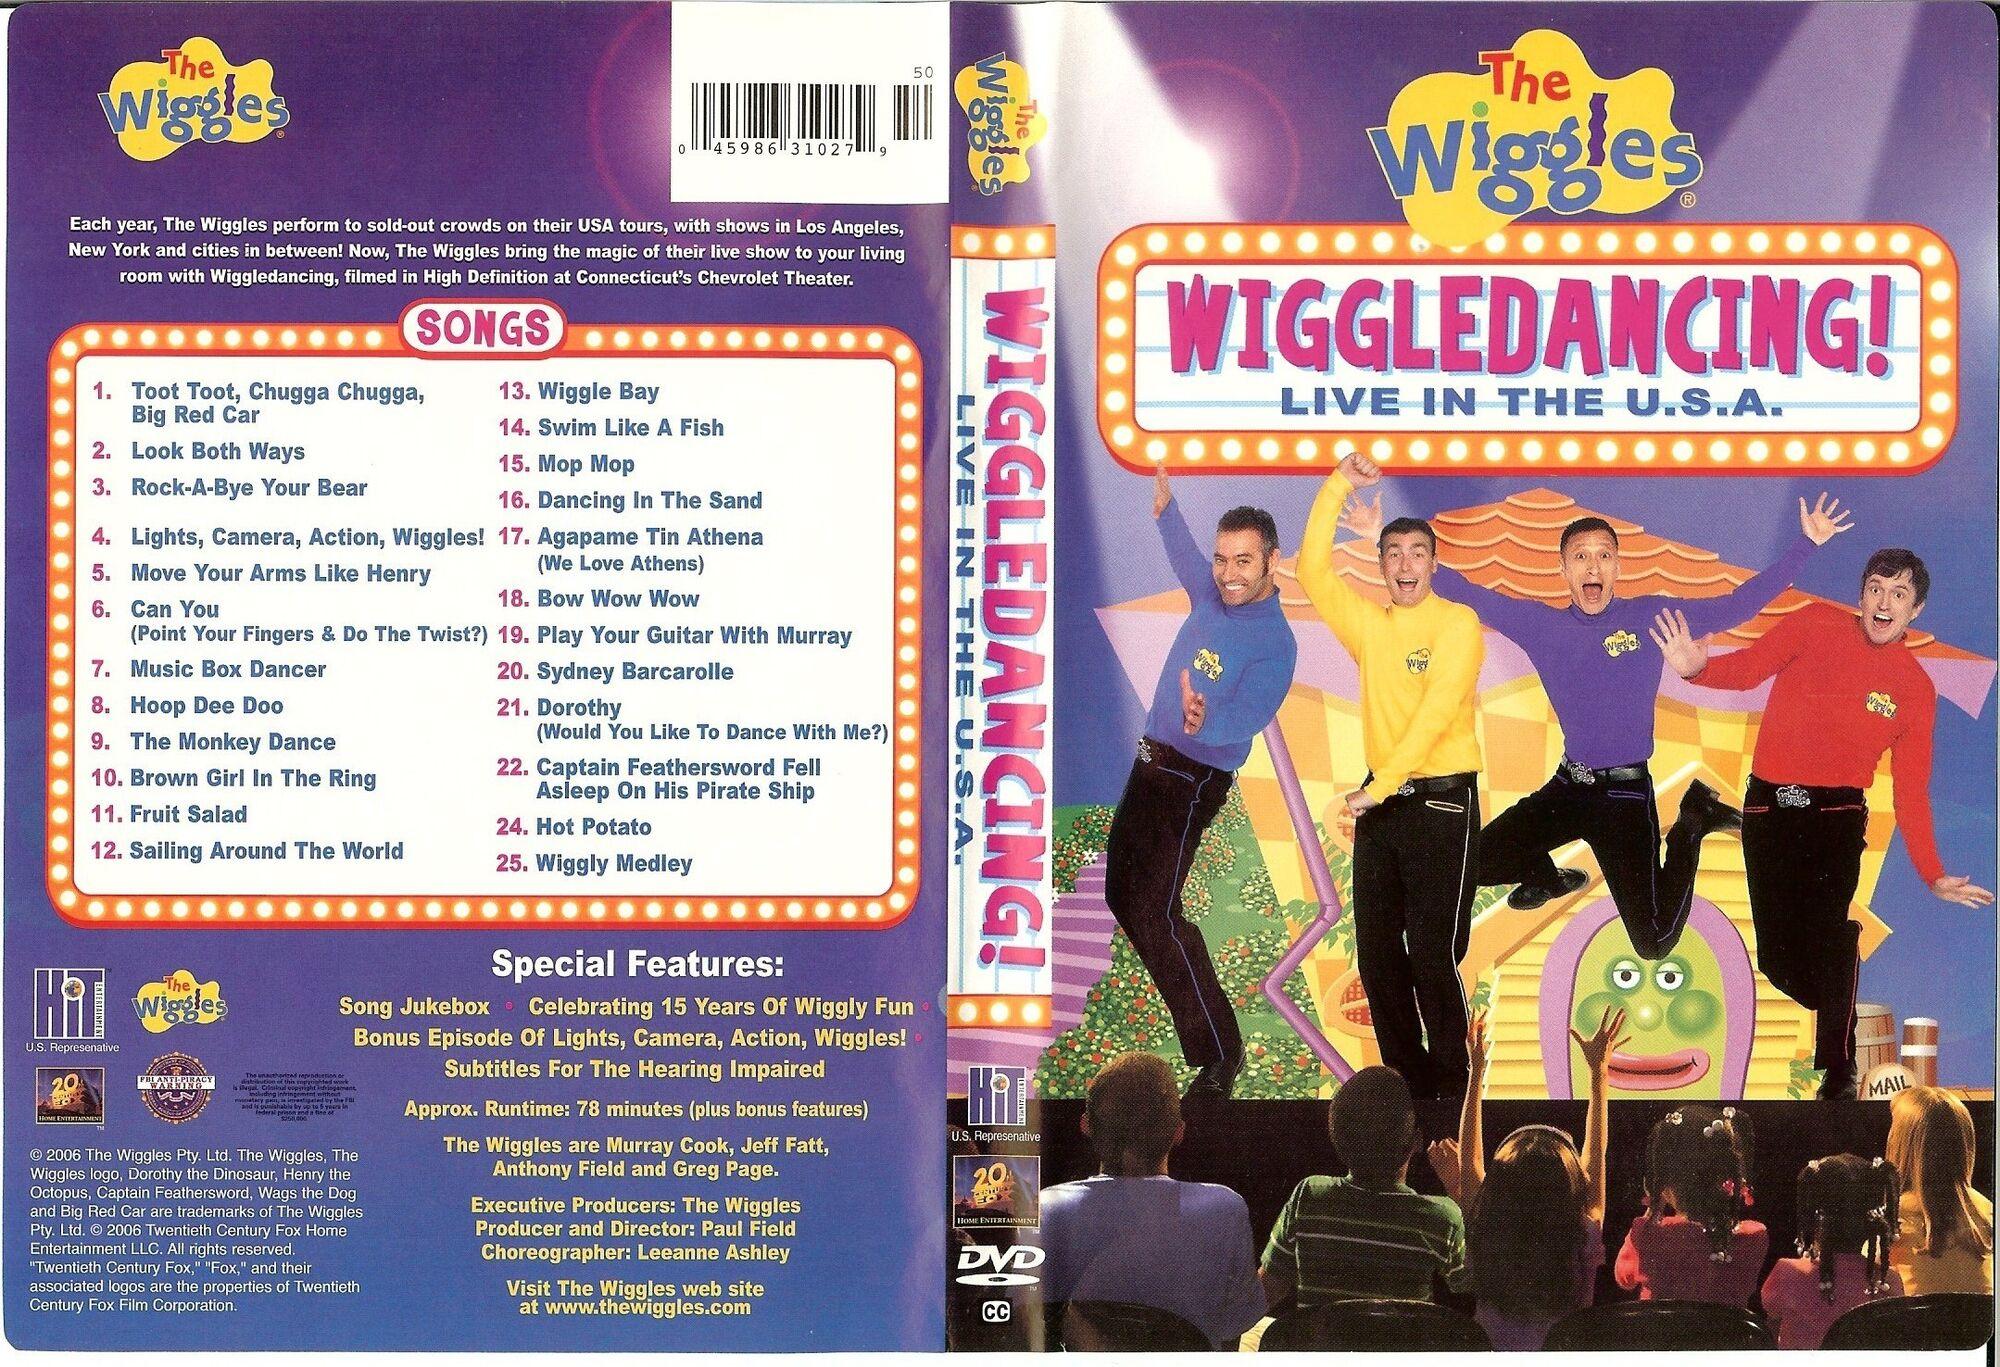 Wiggledancing!LiveintheUSA-FullCover.jpg